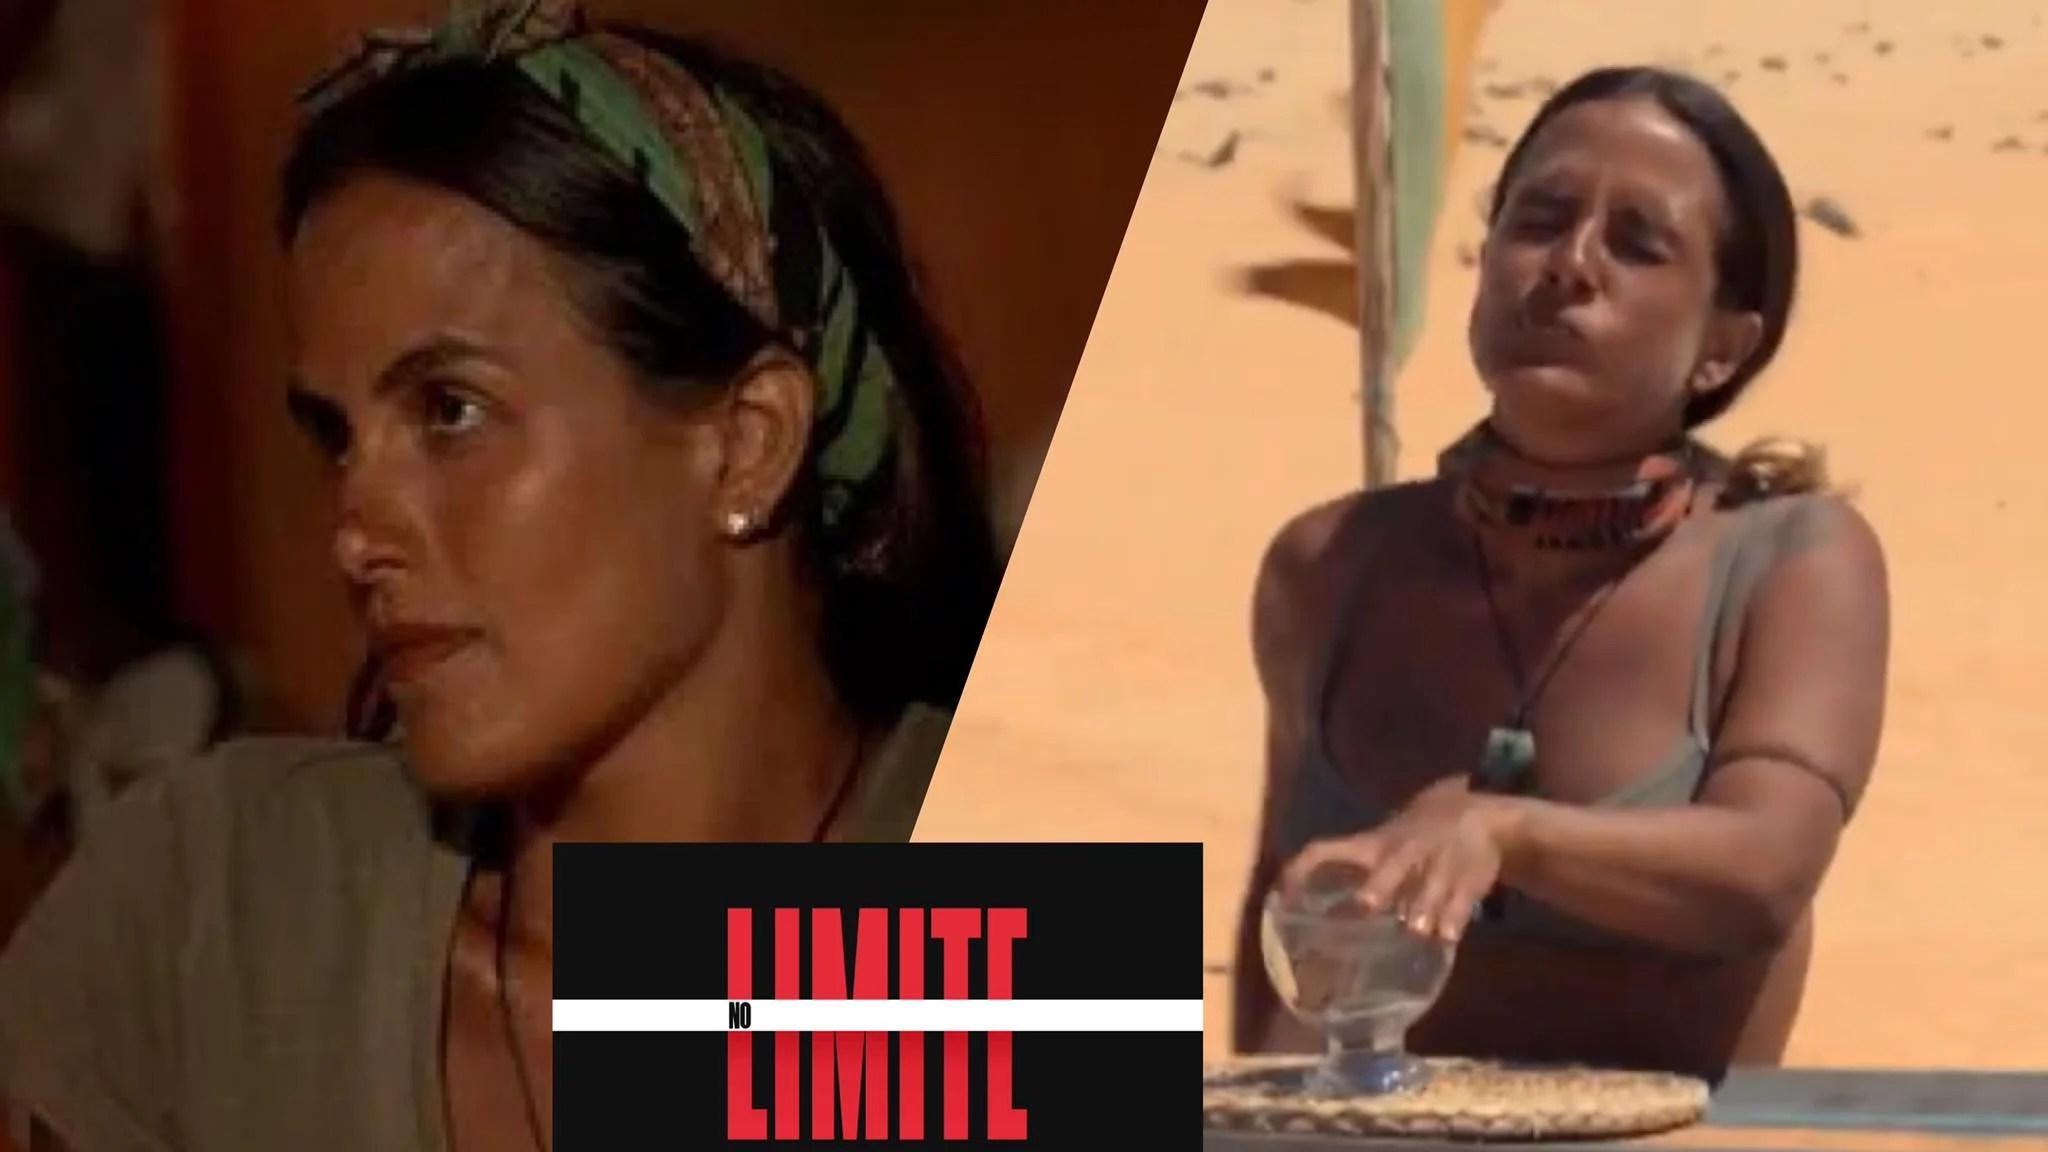 Carol Peixinho come barata viva mas acaba eliminada de No Limite. Fonte: Montagem/Fashion Bubbles